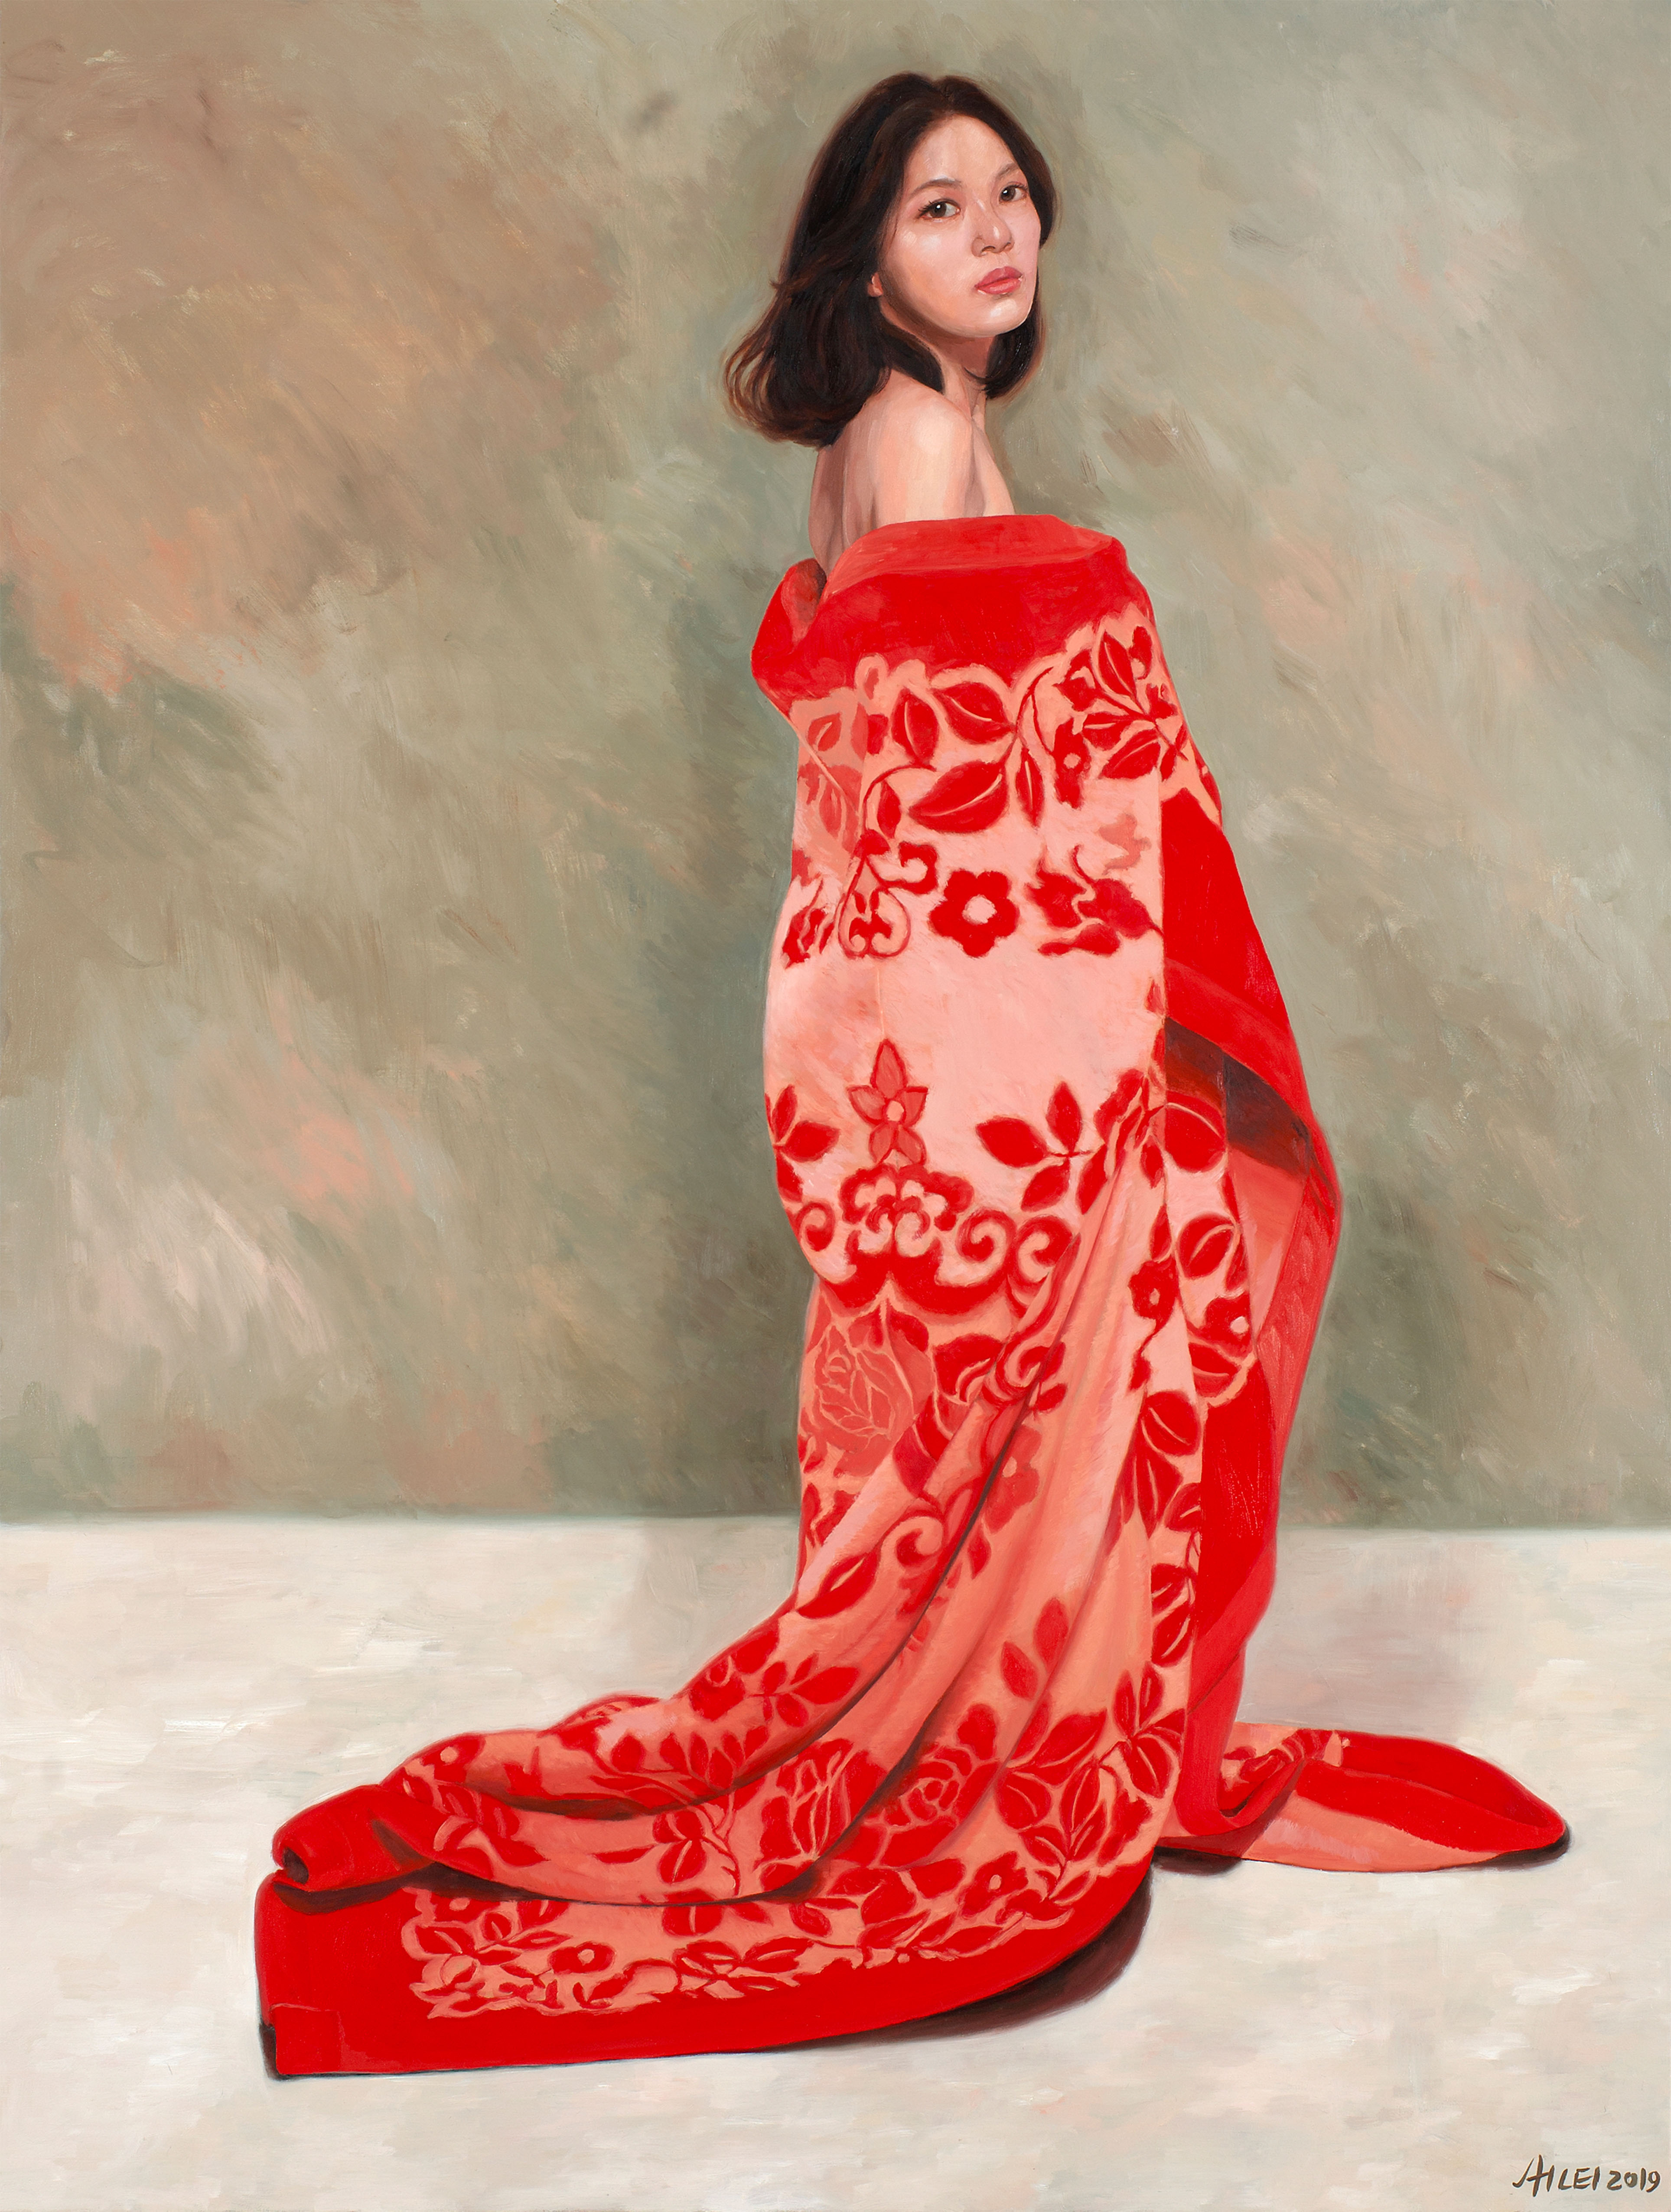 Girl in Red Blanket